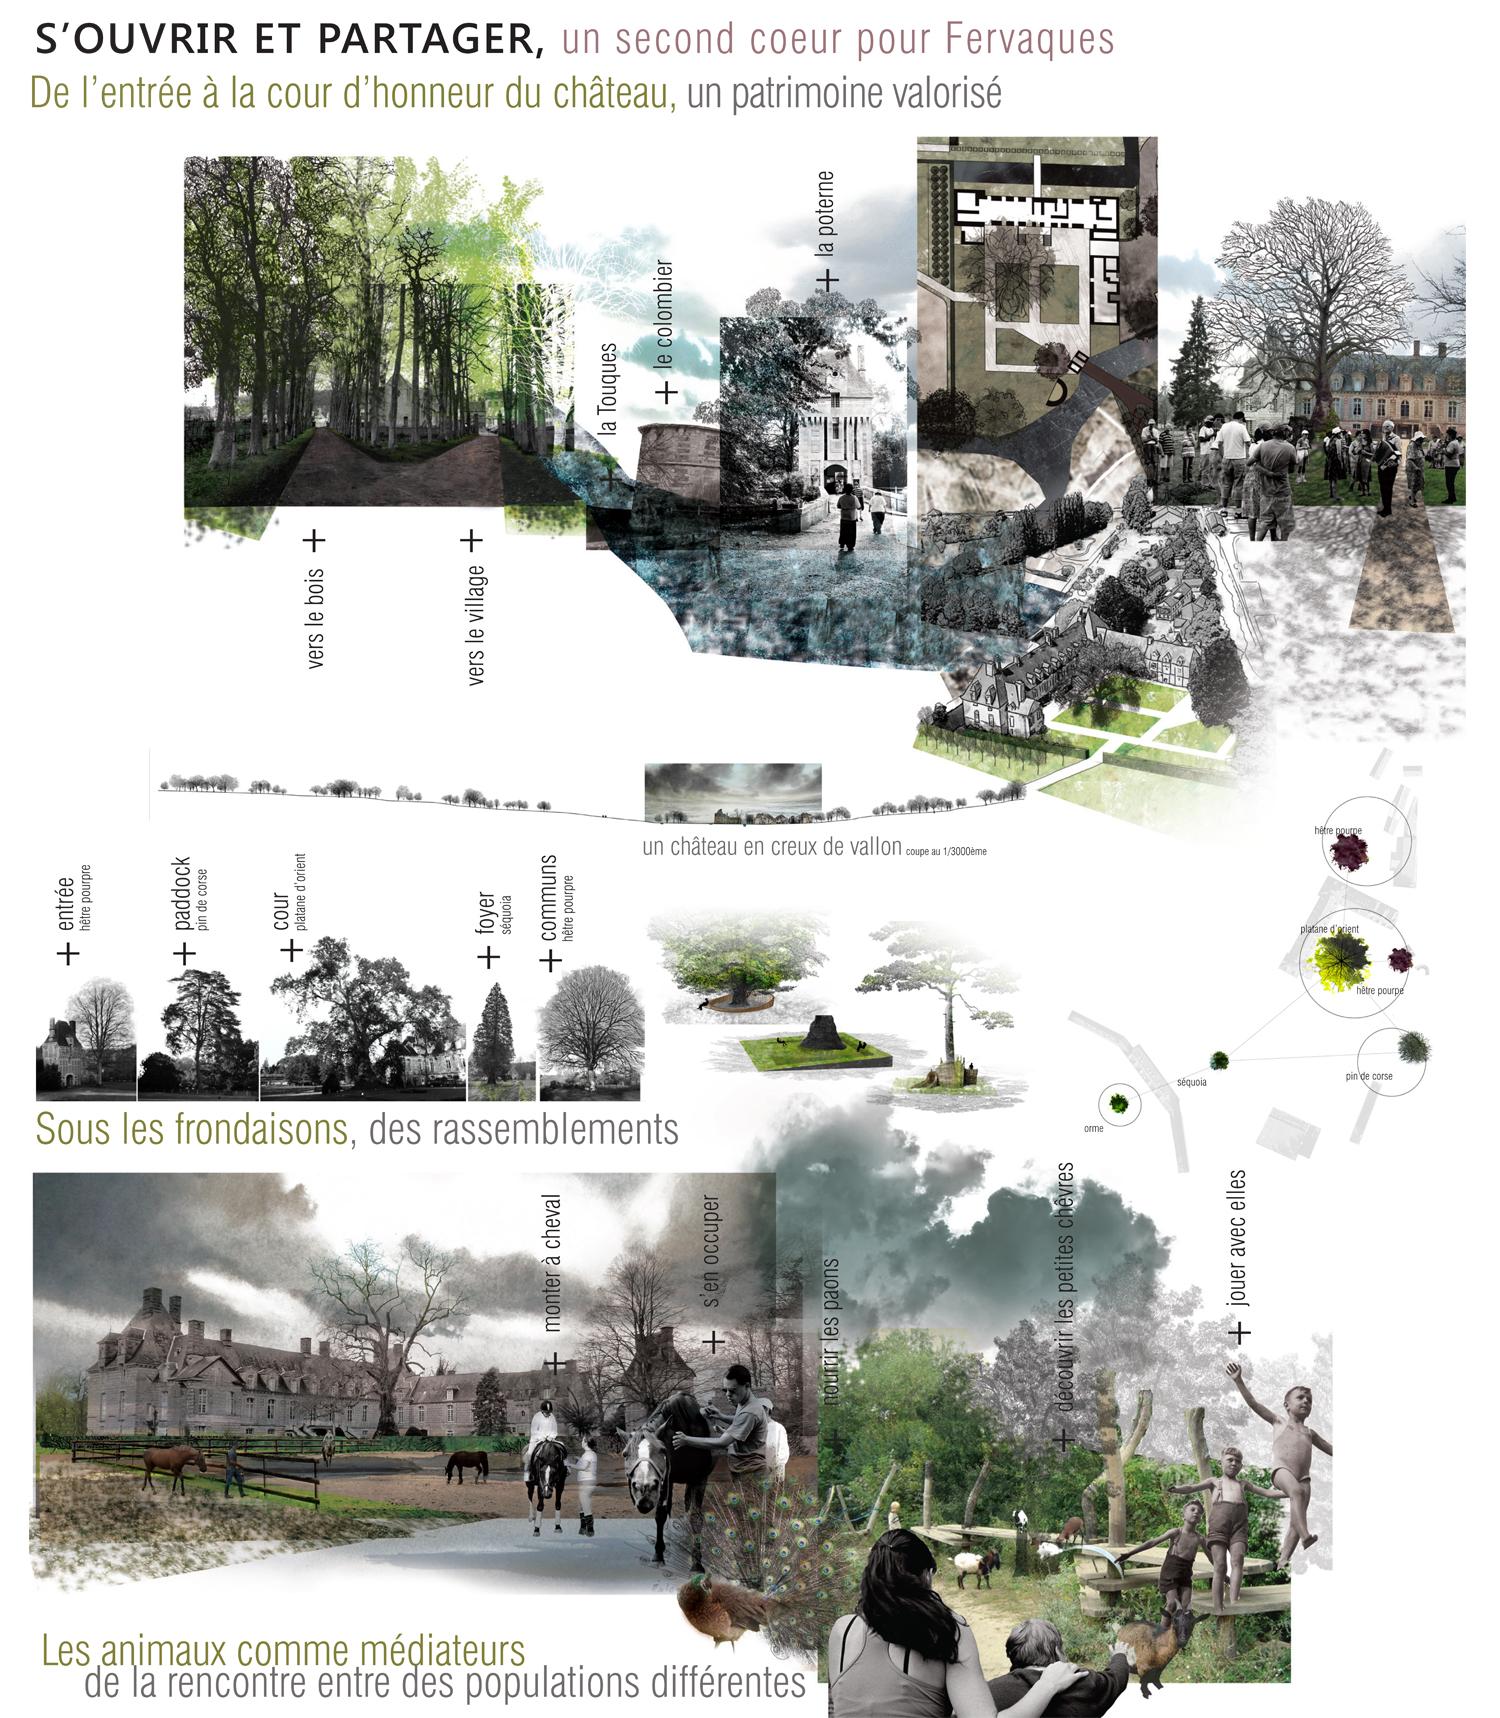 Repenser les parcs et jardins au regard d'un autre monde, l'autisme paysagiste Clermont-Ferrand 4